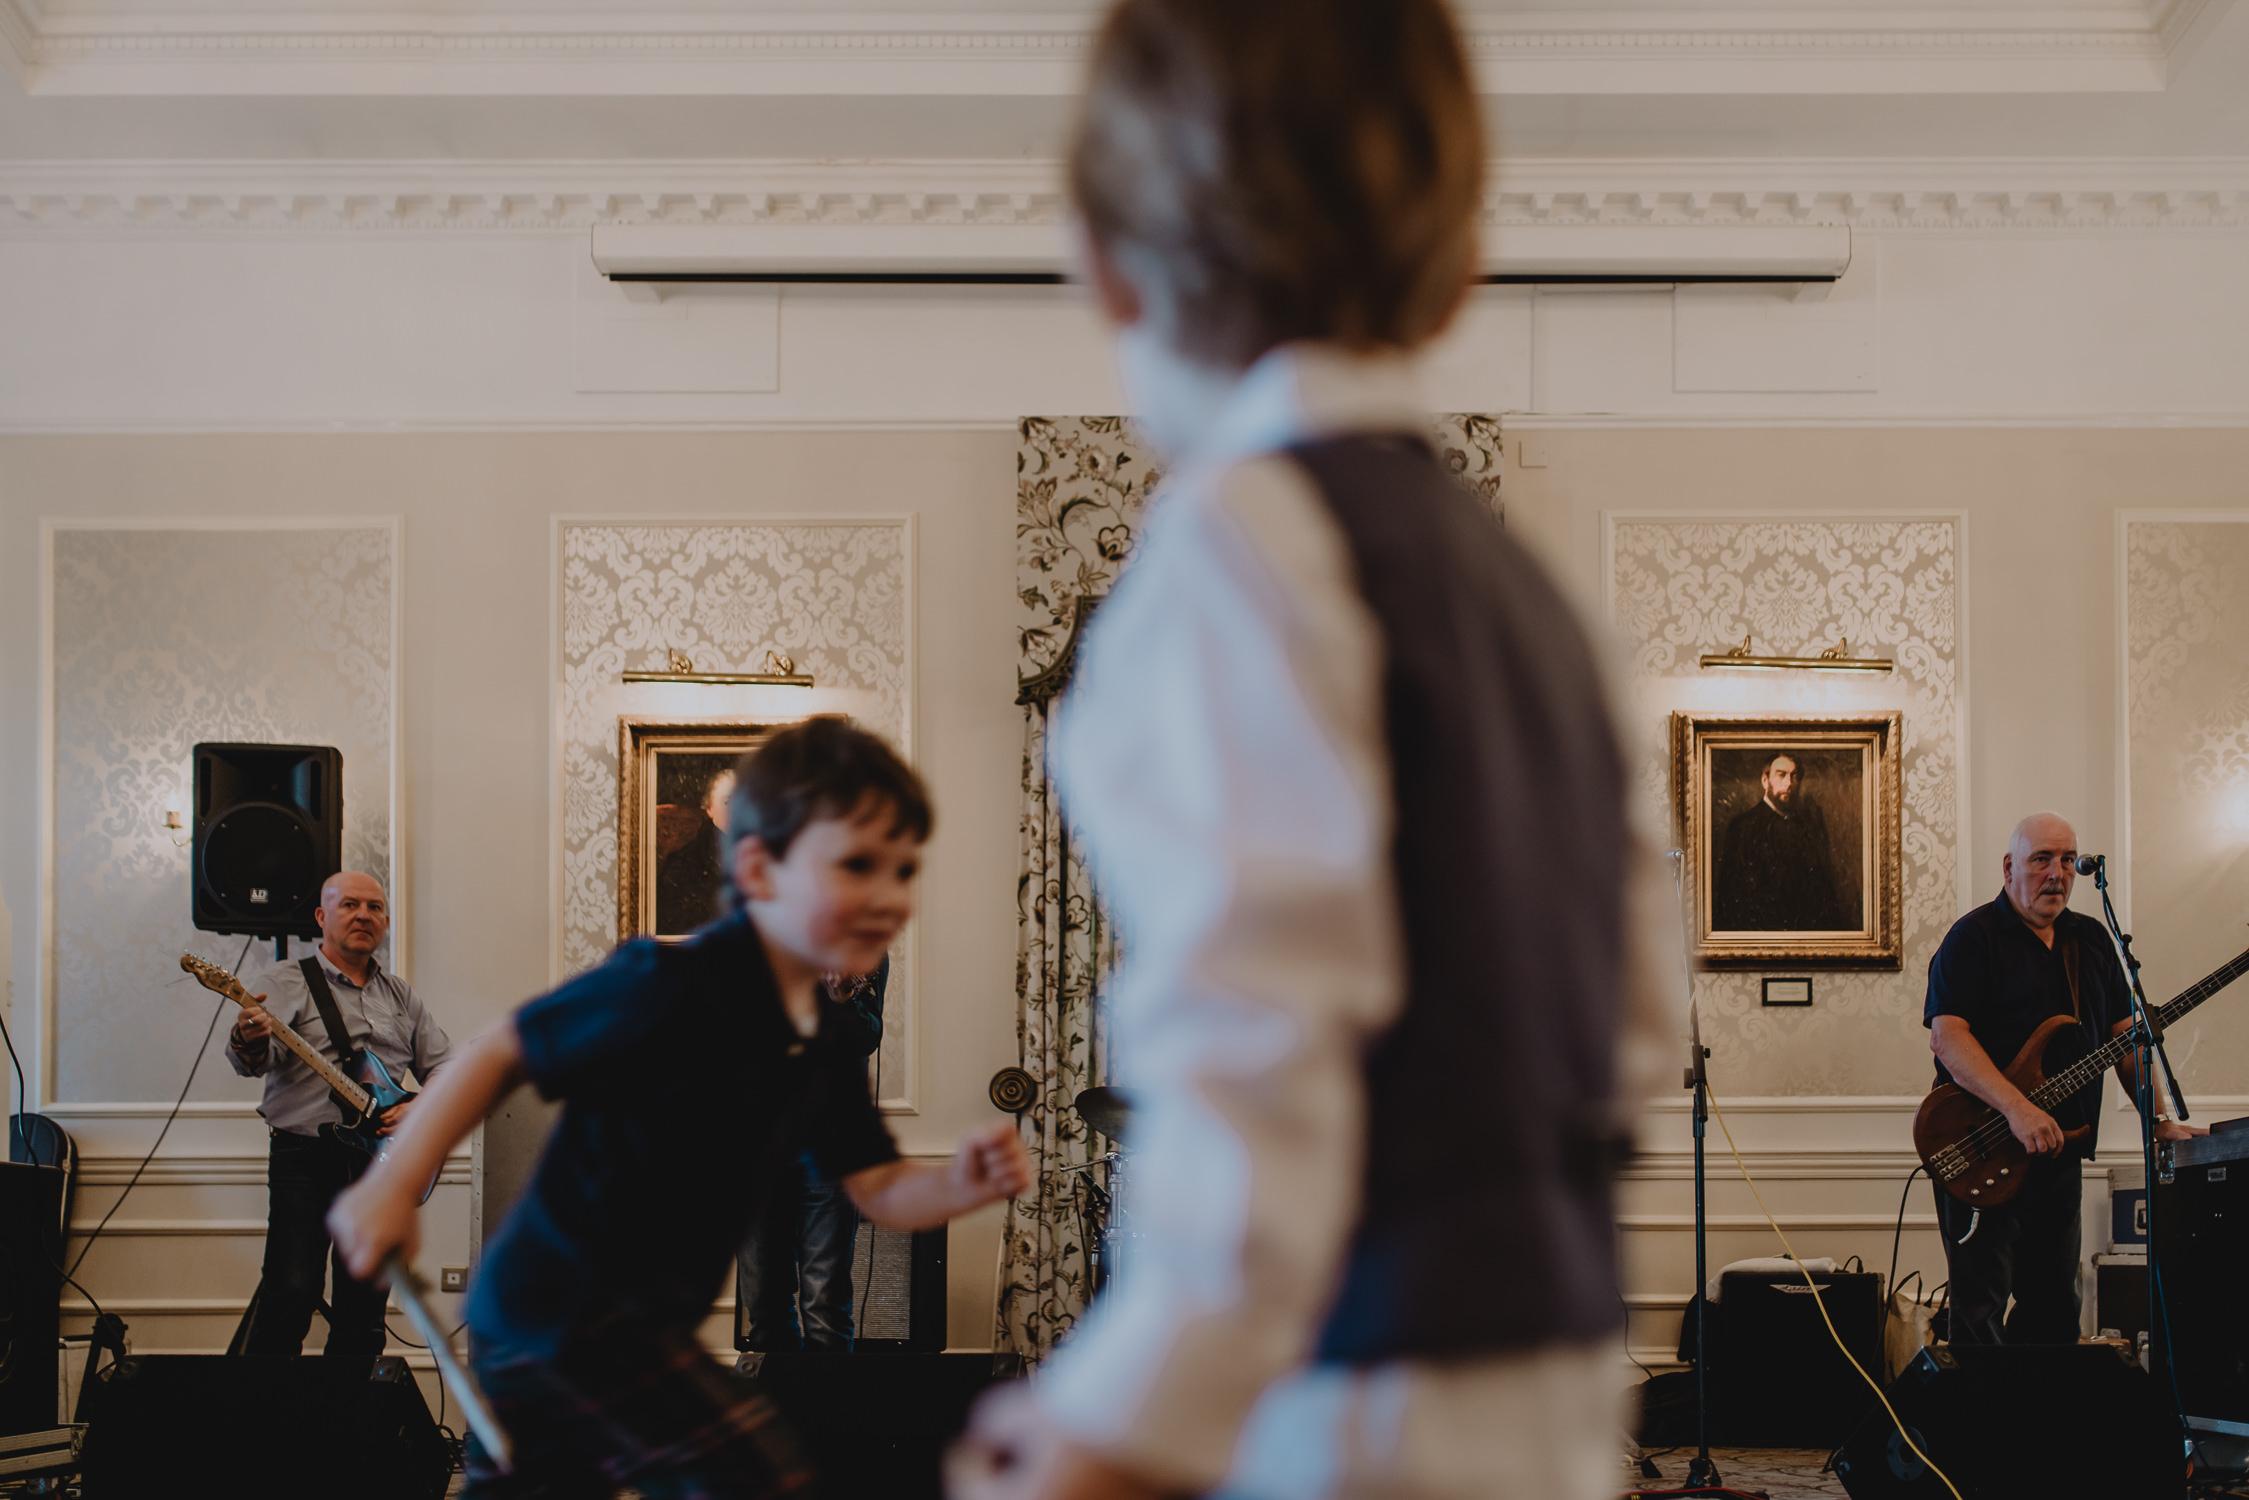 bruidsfotografie-amsterdam-utrecht--aberdeen-mark-hadden-wedding-photography-lynne-steve-251.jpg